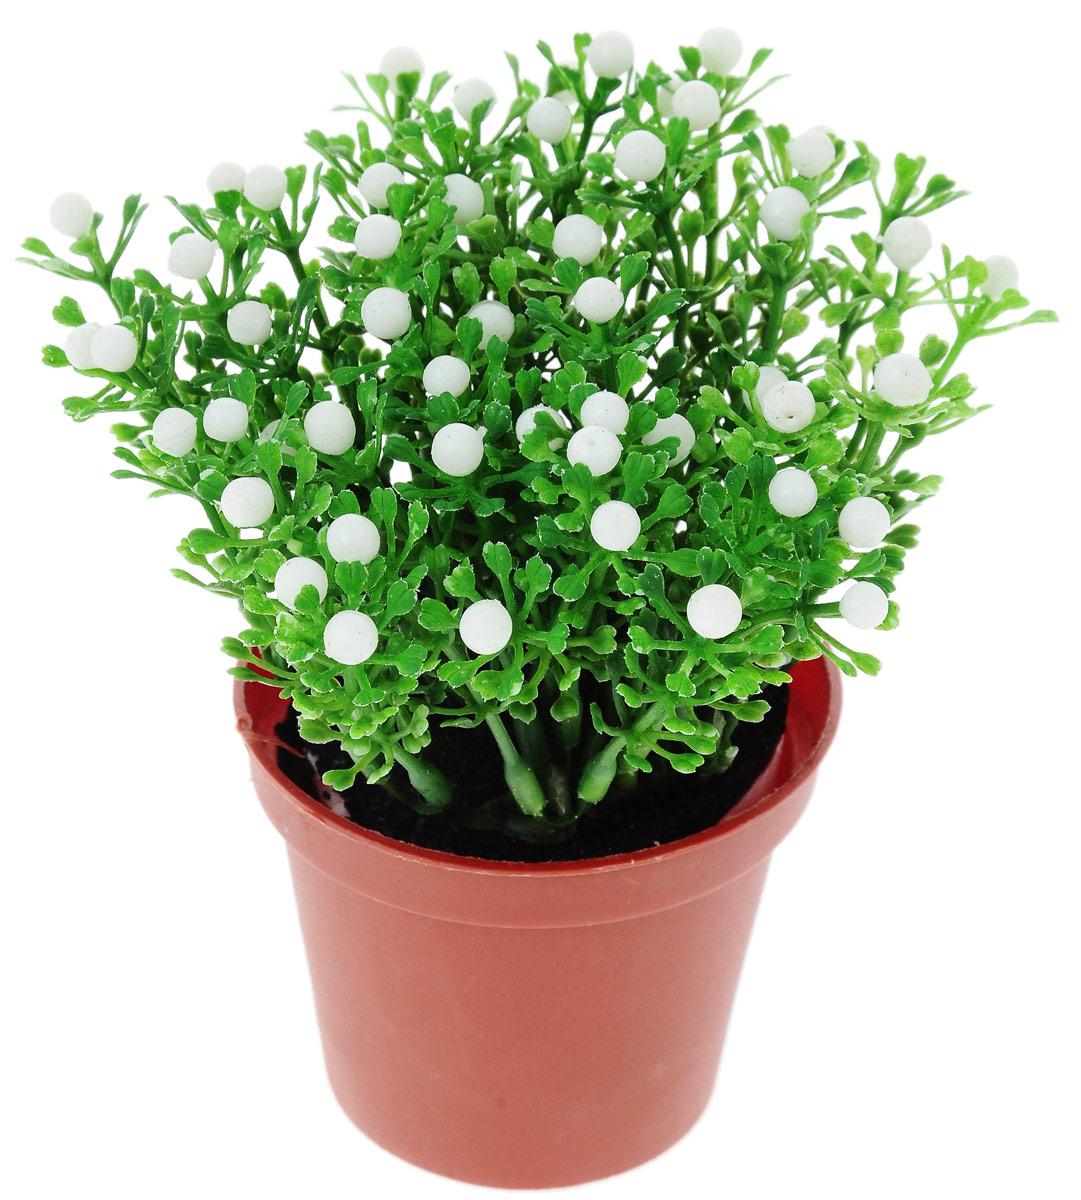 Растение искусственное для мини-сада Bloom`its, высота 14,8 смA5518AP-1SSИскусственное растение Bloom`its поможет создать свой собственный мини-сад. Заниматься ландшафтным дизайном и декором теперь можно, даже если у вас нет своего загородного дома, причем не выходя из дома. Устройте себе удовольствие садовода, собирая миниатюрные фигурки и составляя из них различные композиции. Объедините миниатюрные изделия в емкости (керамический горшок, корзина, деревянный ящик или стеклянная посуда) и добавьте мини-растения. Это не только поможет увлекательно провести время, раскрывая ваше воображение и фантазию, результат работы станет стильным и необычным украшением интерьера.